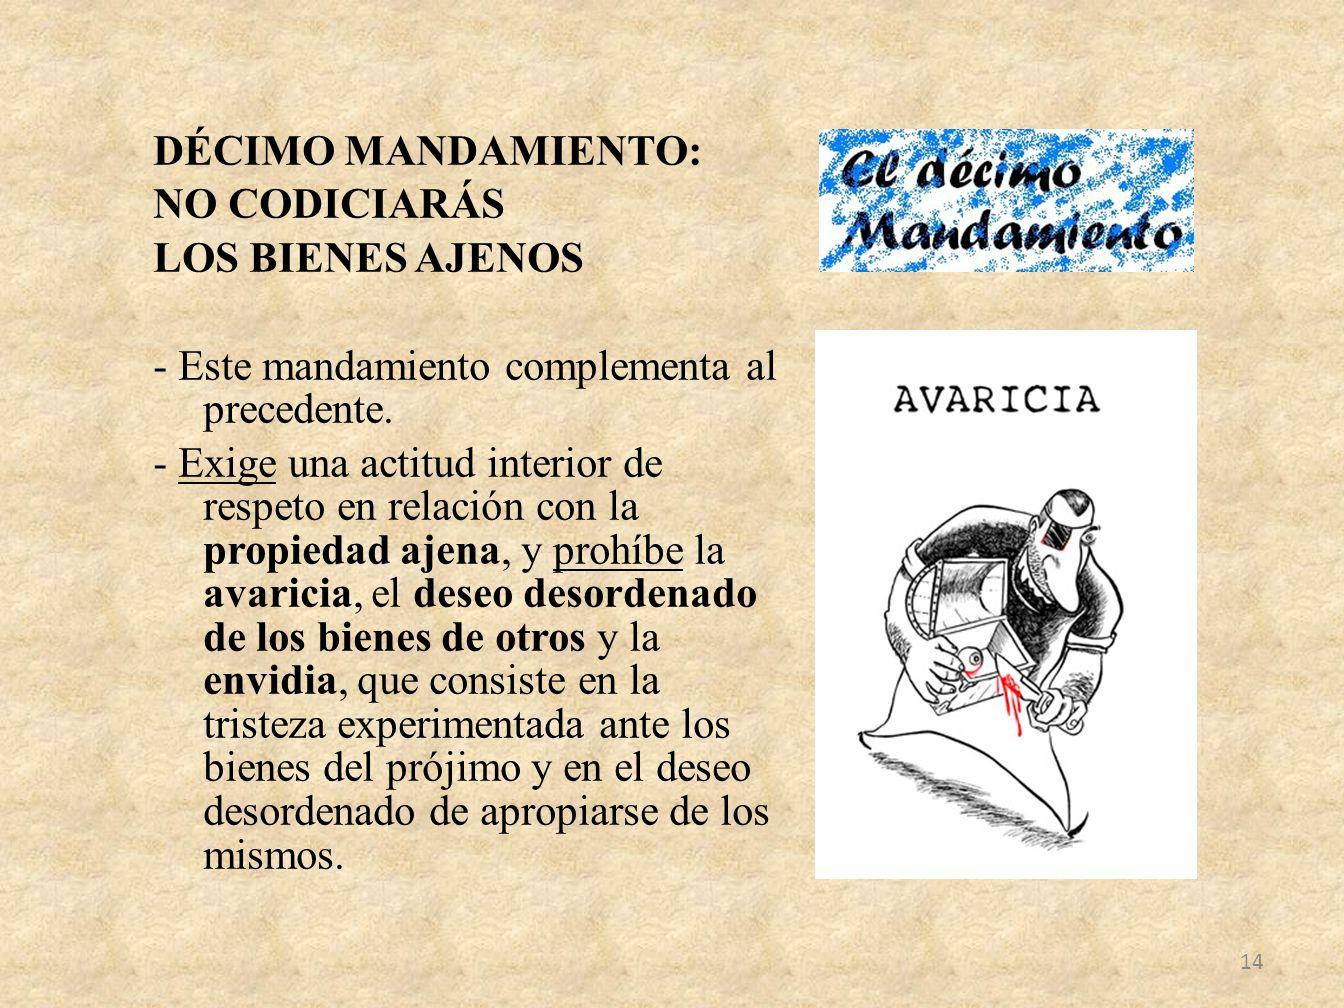 DÉCIMO MANDAMIENTO: NO CODICIARÁS LOS BIENES AJENOS - Este mandamiento complementa al precedente.